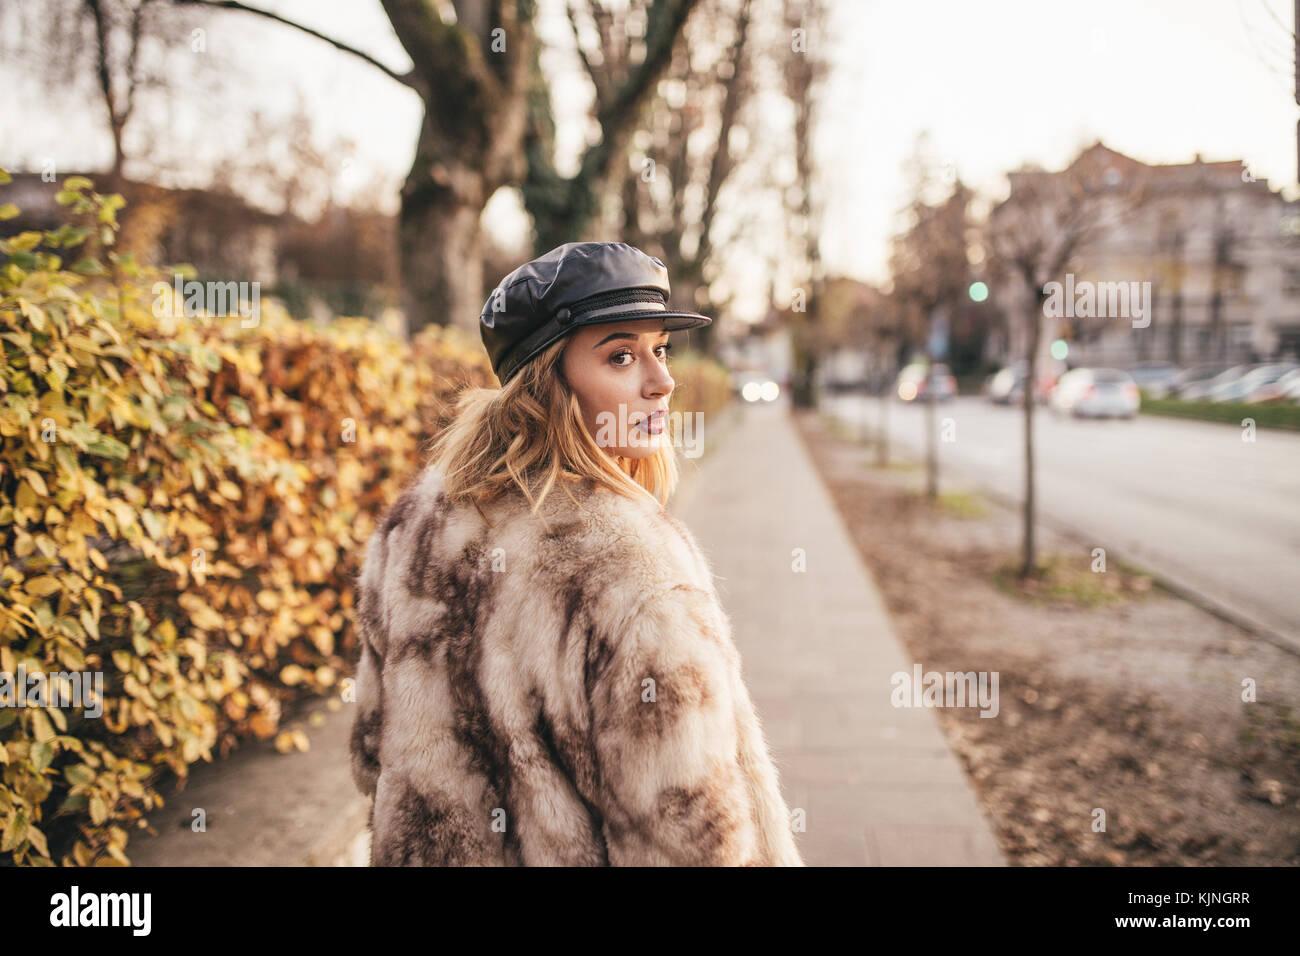 Schöne Mädchen, das Tragen von Pelzen und reiten ihr Fahrrad auf den Straßen der Stadt Stockbild